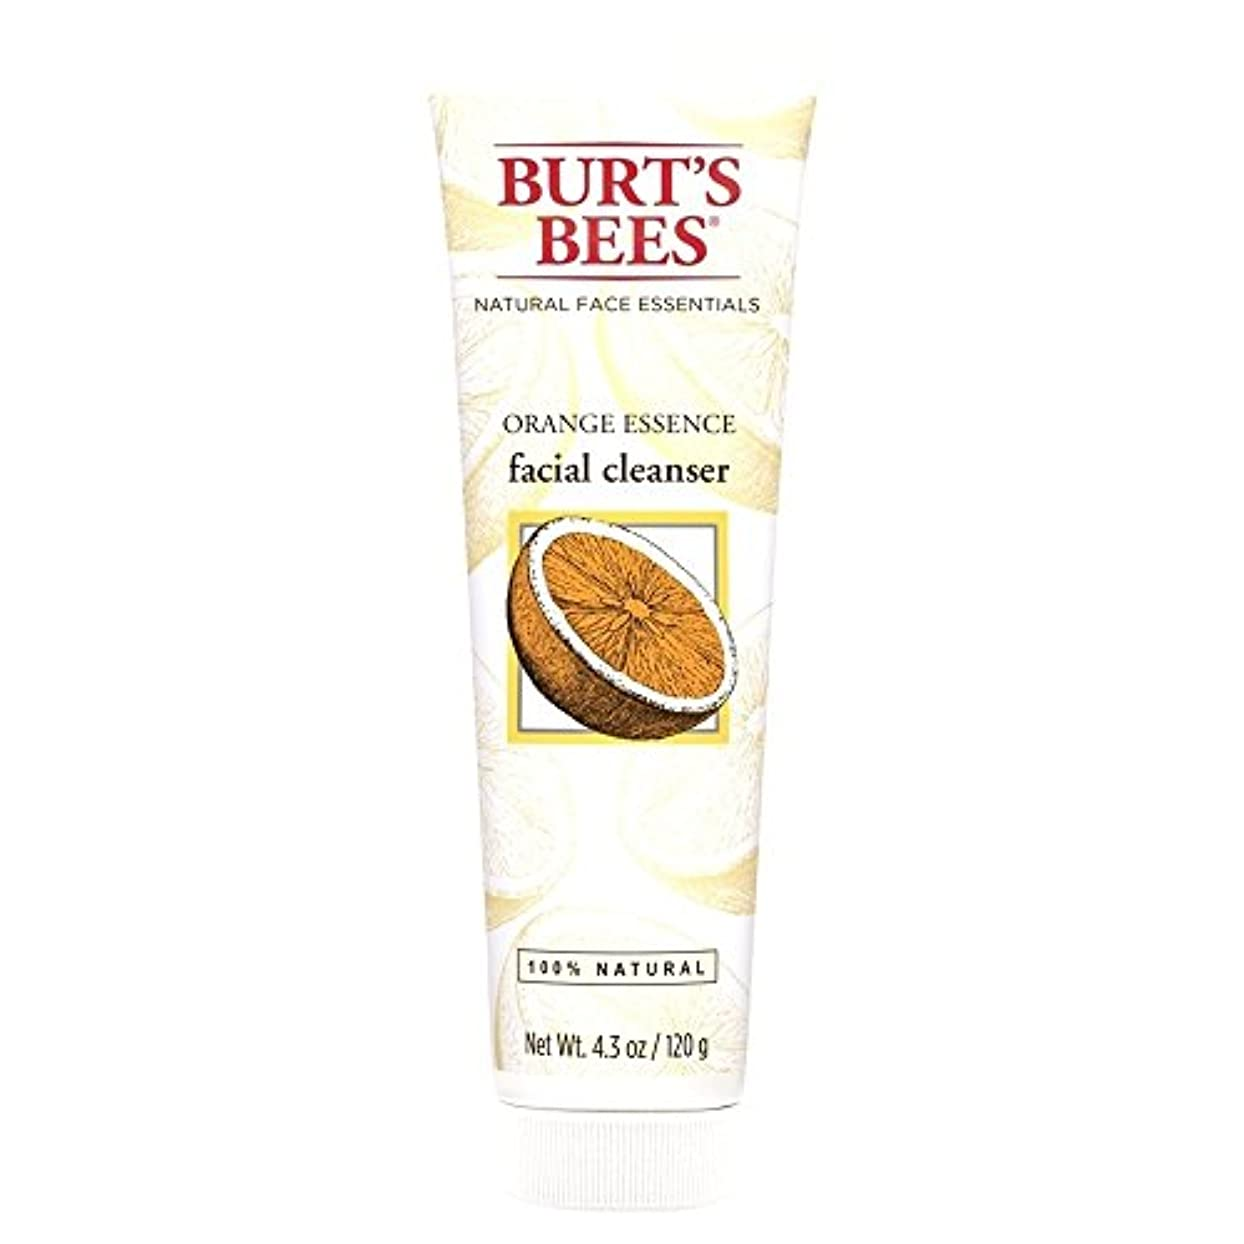 初心者立証する寛大さバーツビーオレンジエッセンス洗顔料、125グラム (Burt's Bees) - Burt's Bees Orange Essence Facial Cleanser, 125g [並行輸入品]